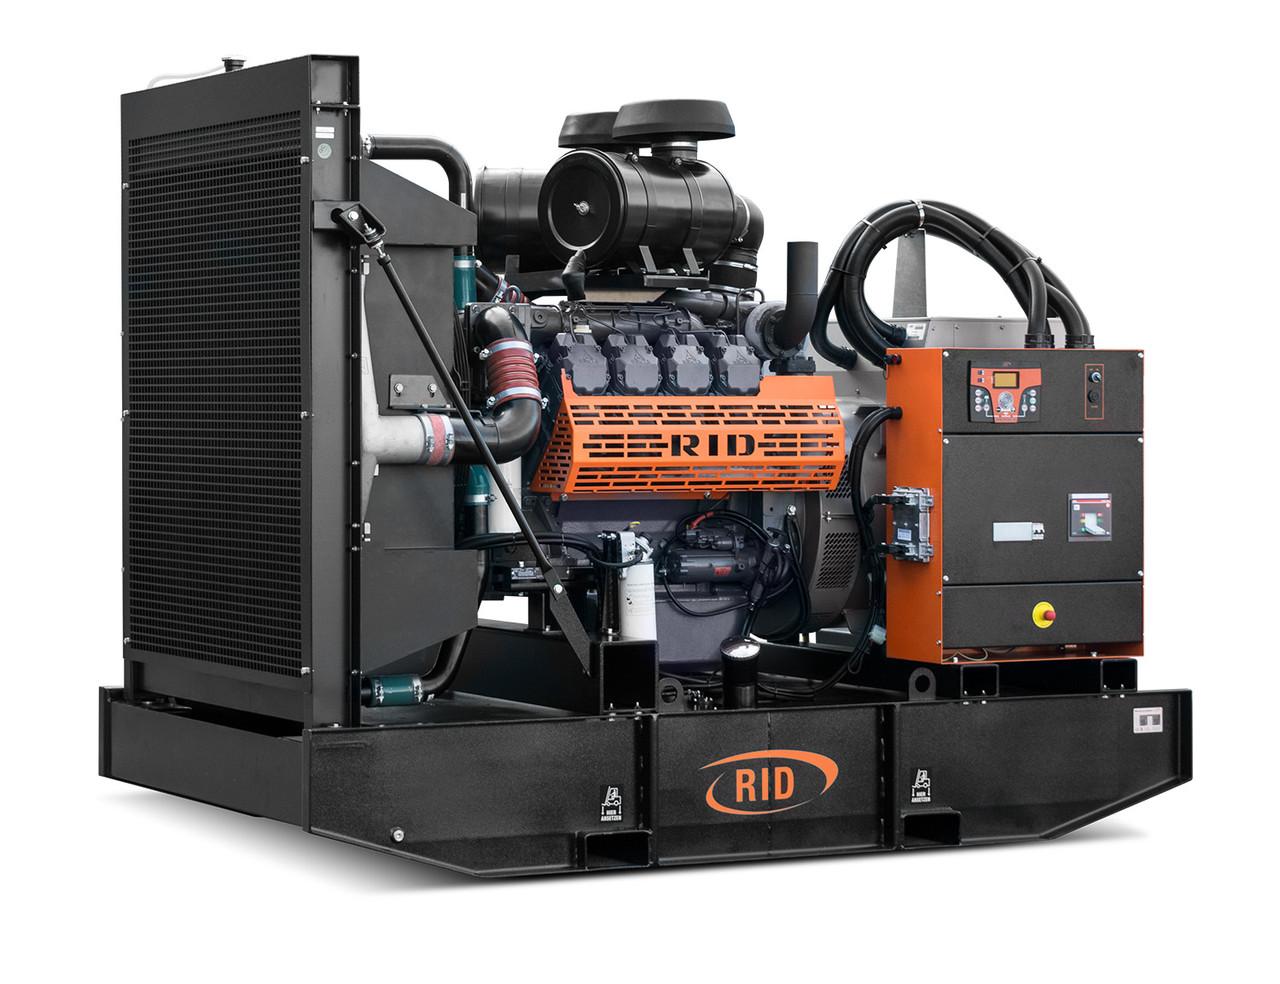 Трехфазный дизельный генератор RID 500 S-SERIES (500 кВА)